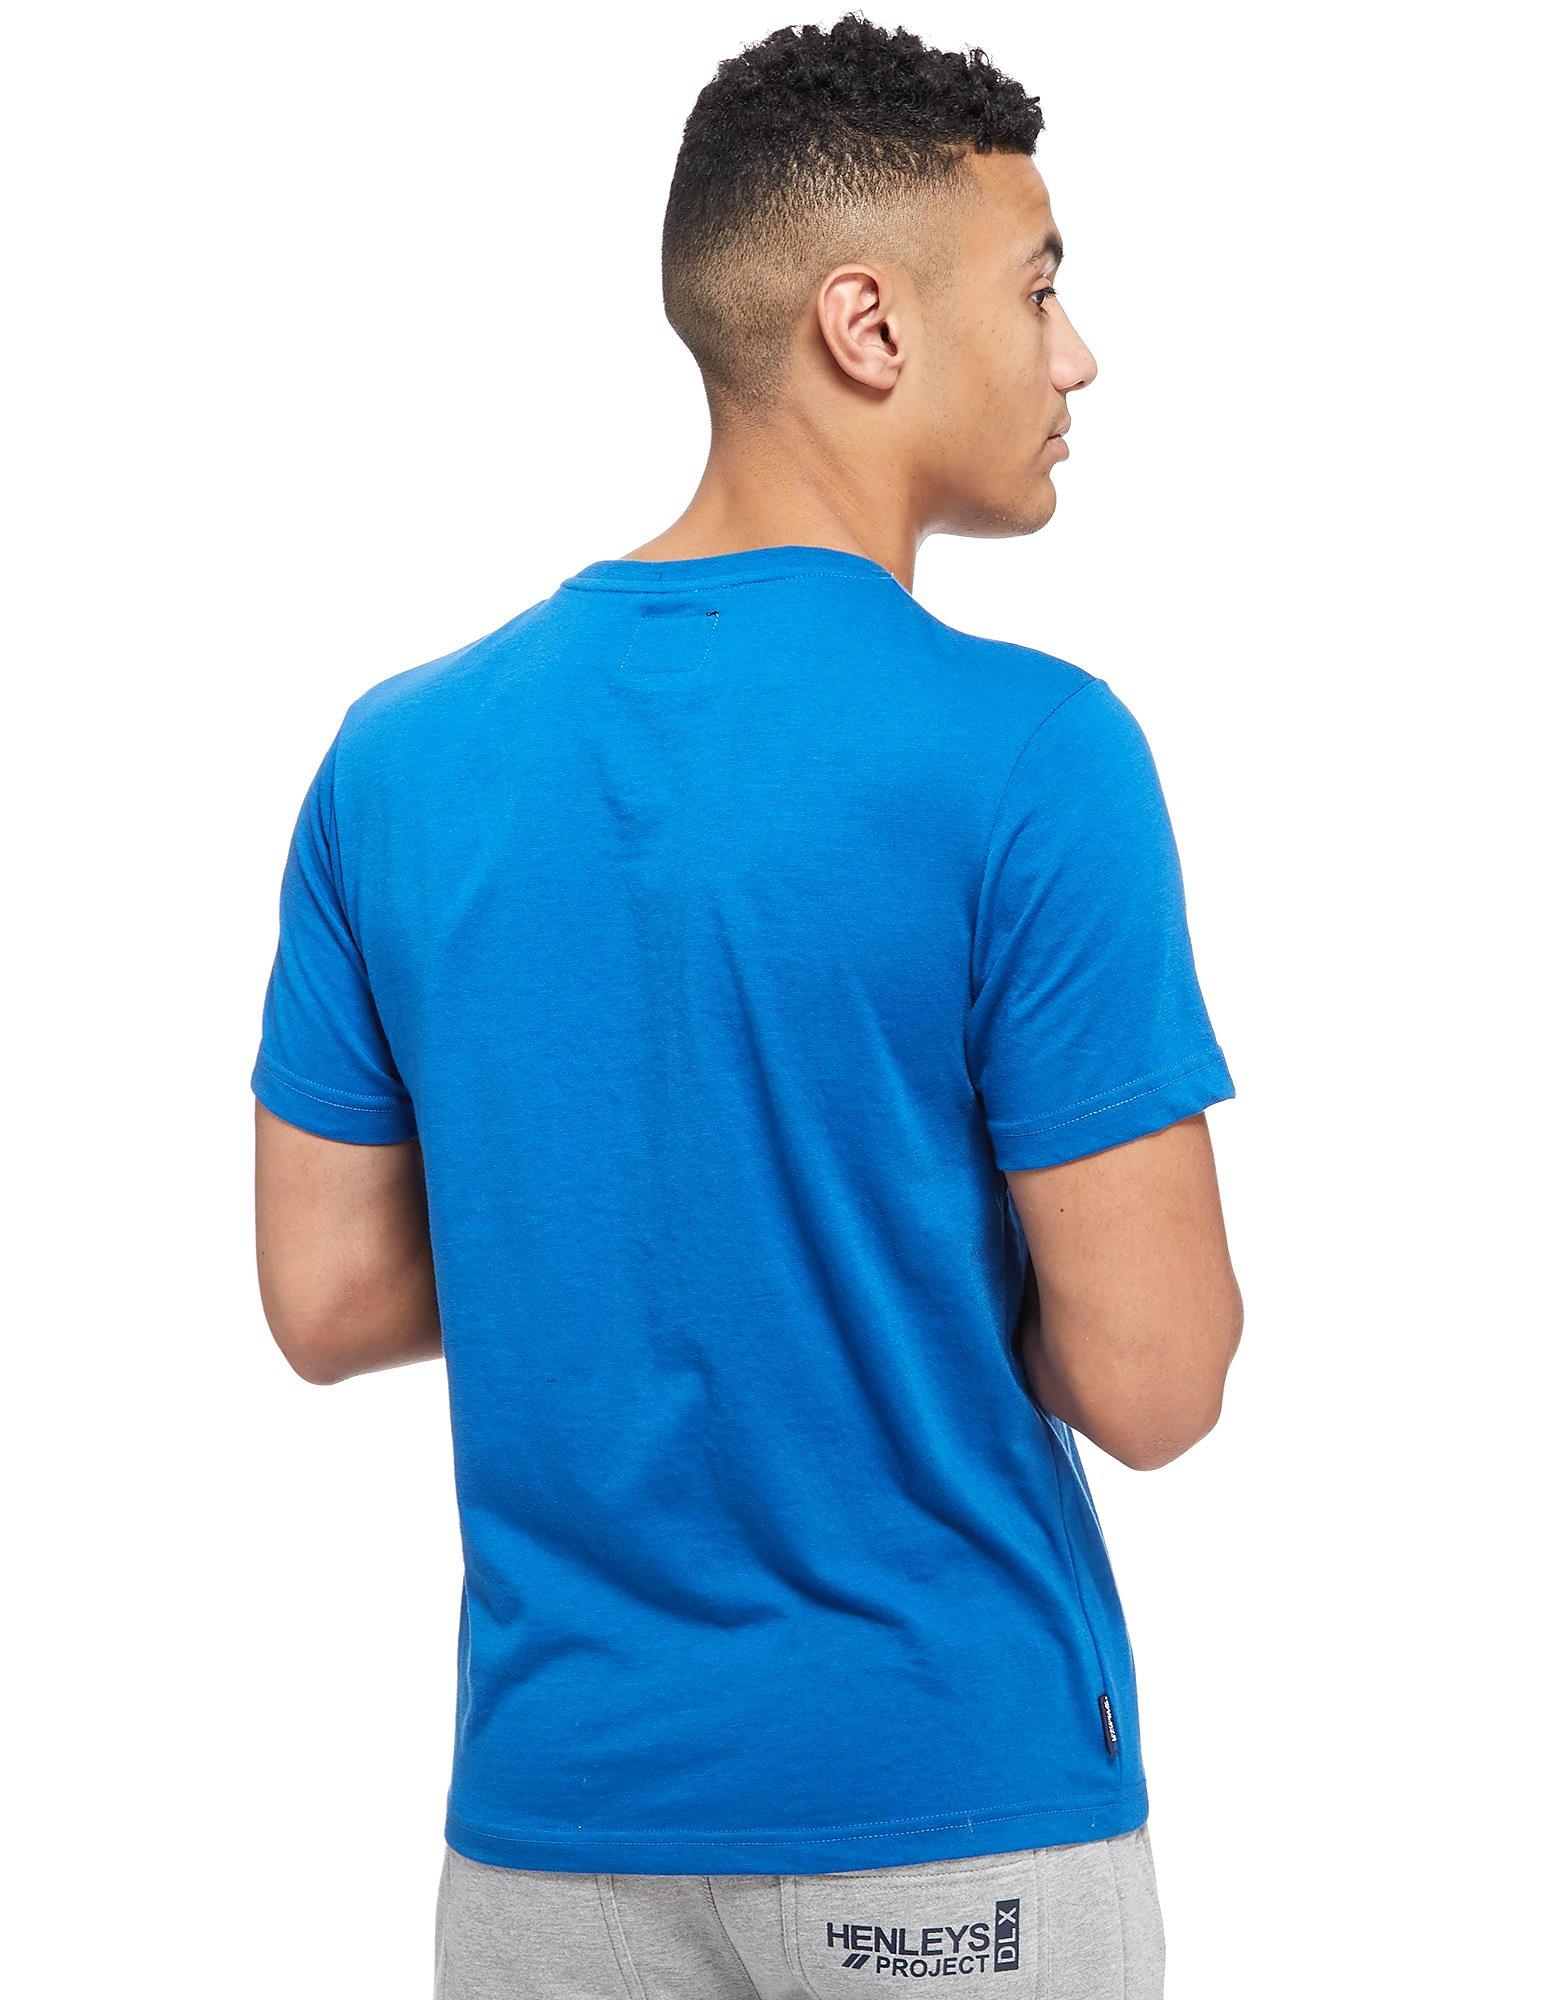 Henleys Detain T-Shirt